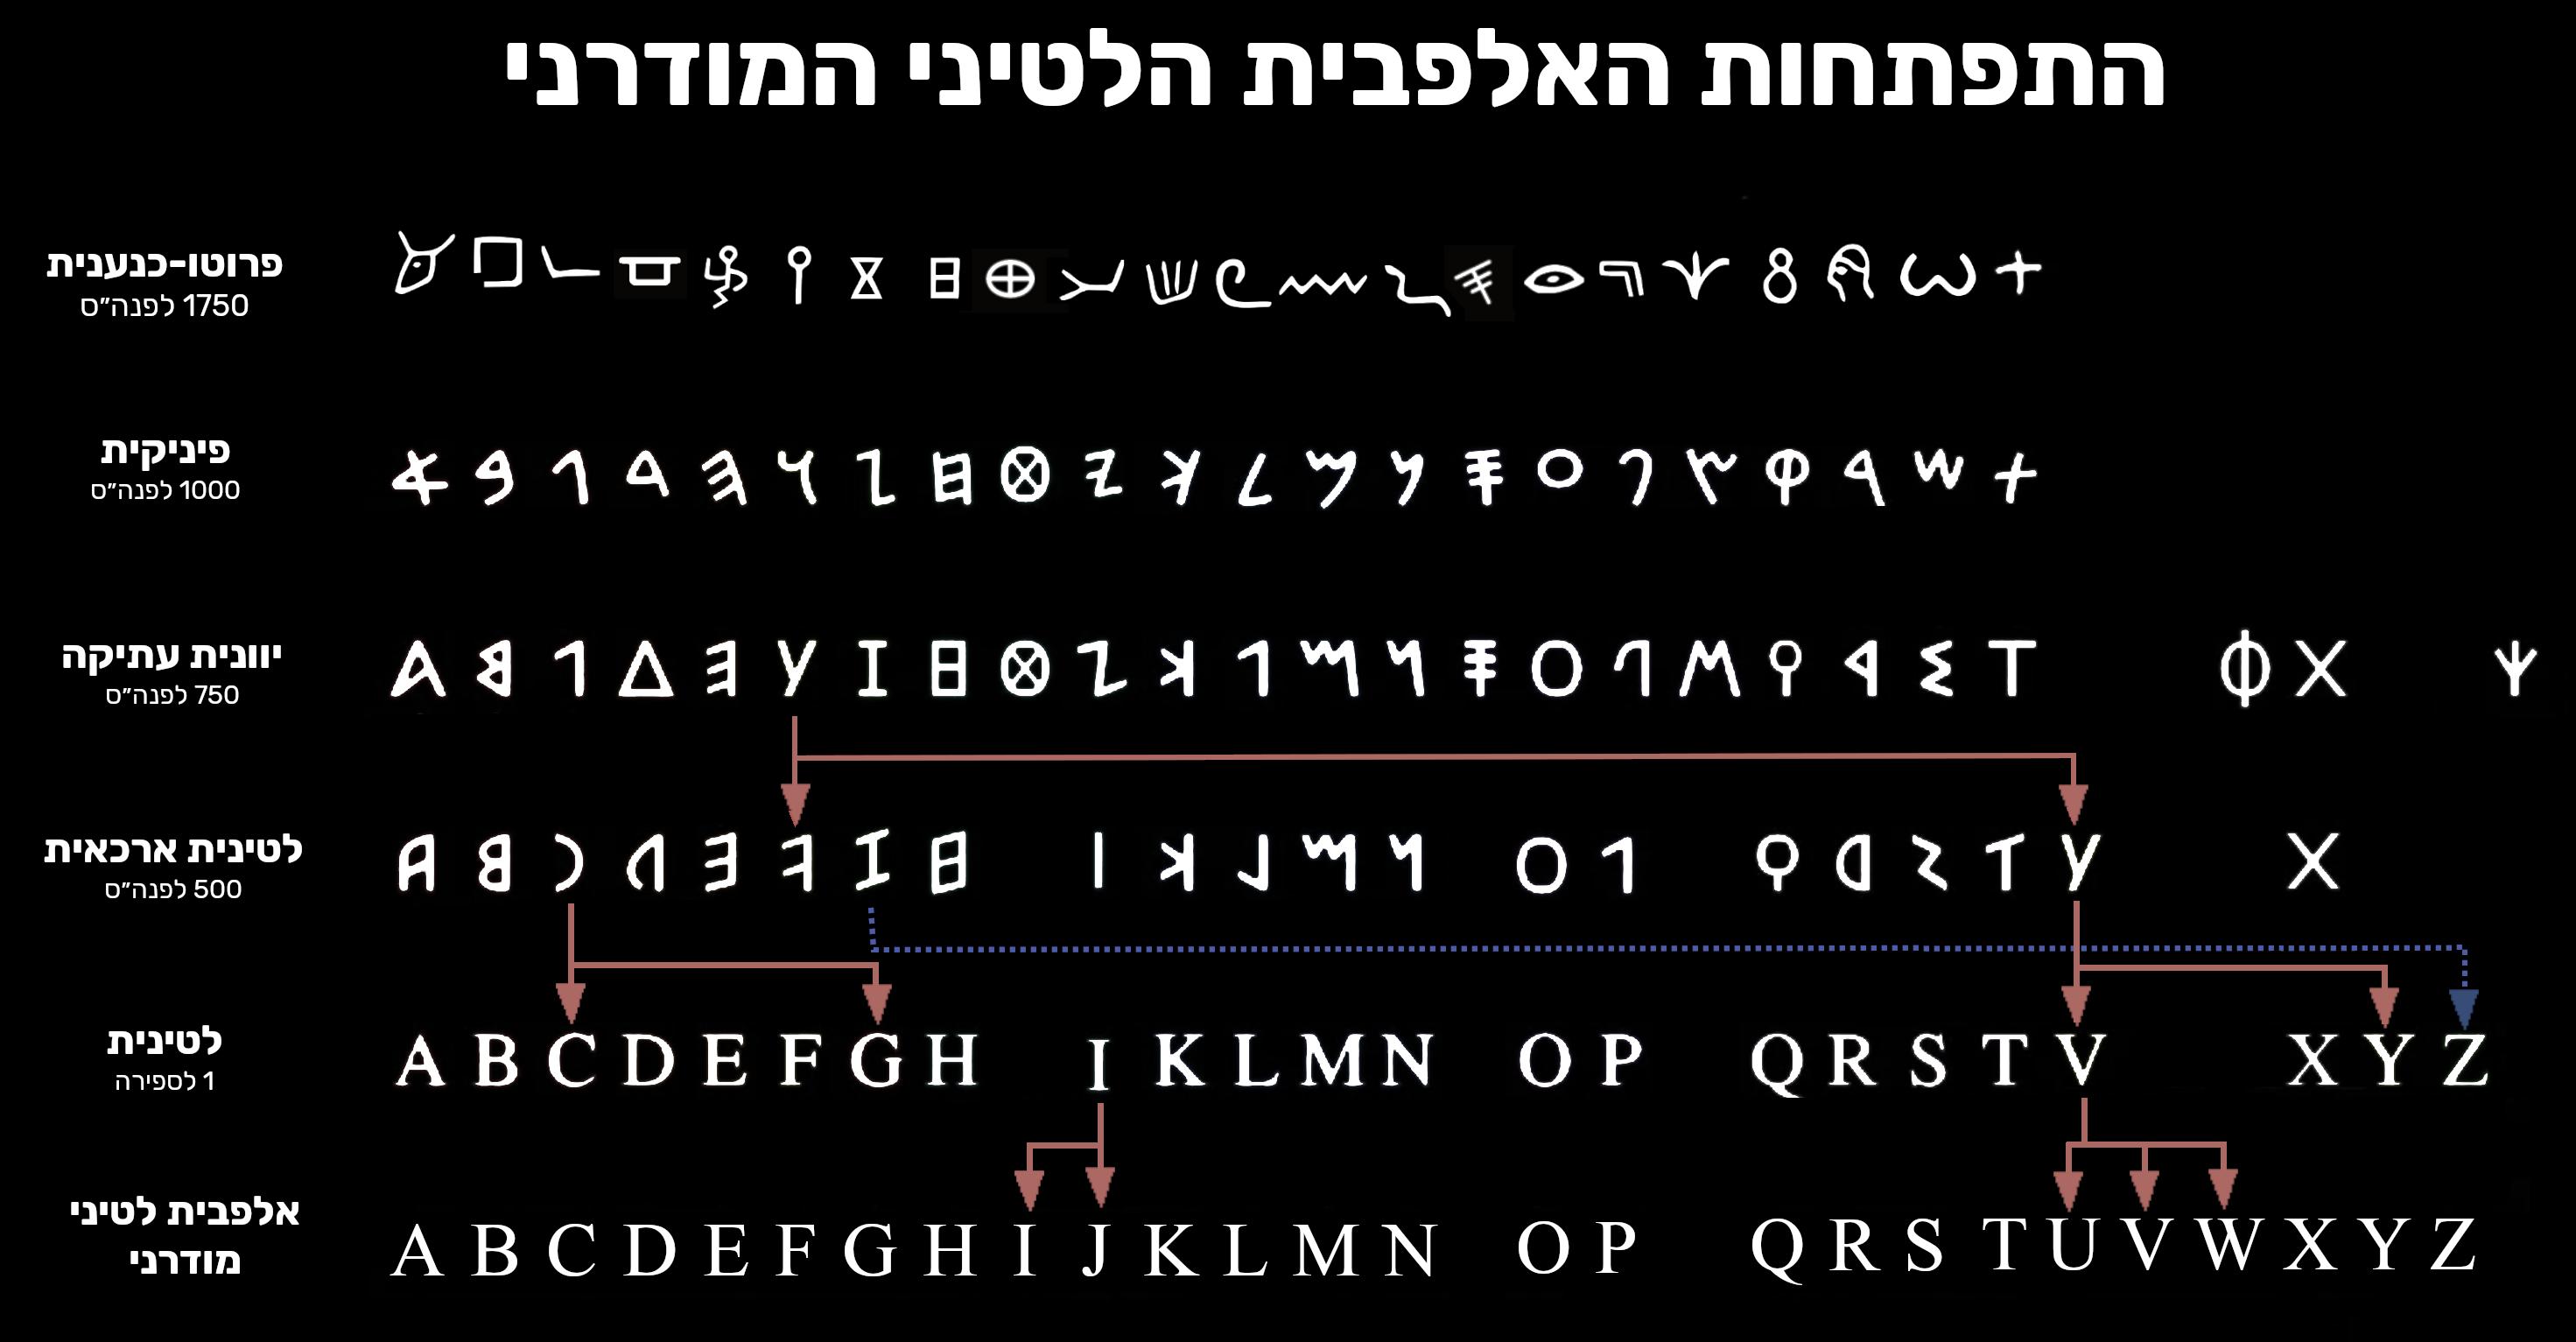 האבולוציה של האלפבית הלטיני